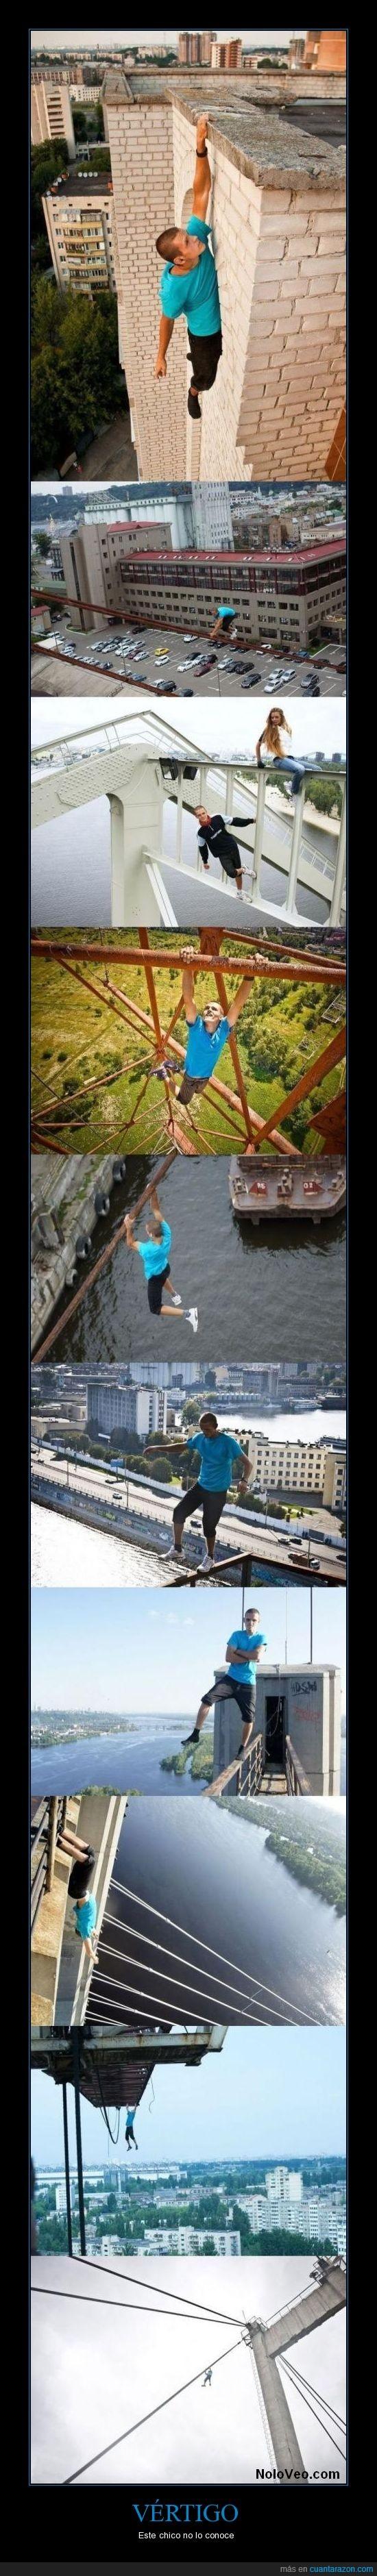 alturas,caer,chico,metros,miedo,vértigo